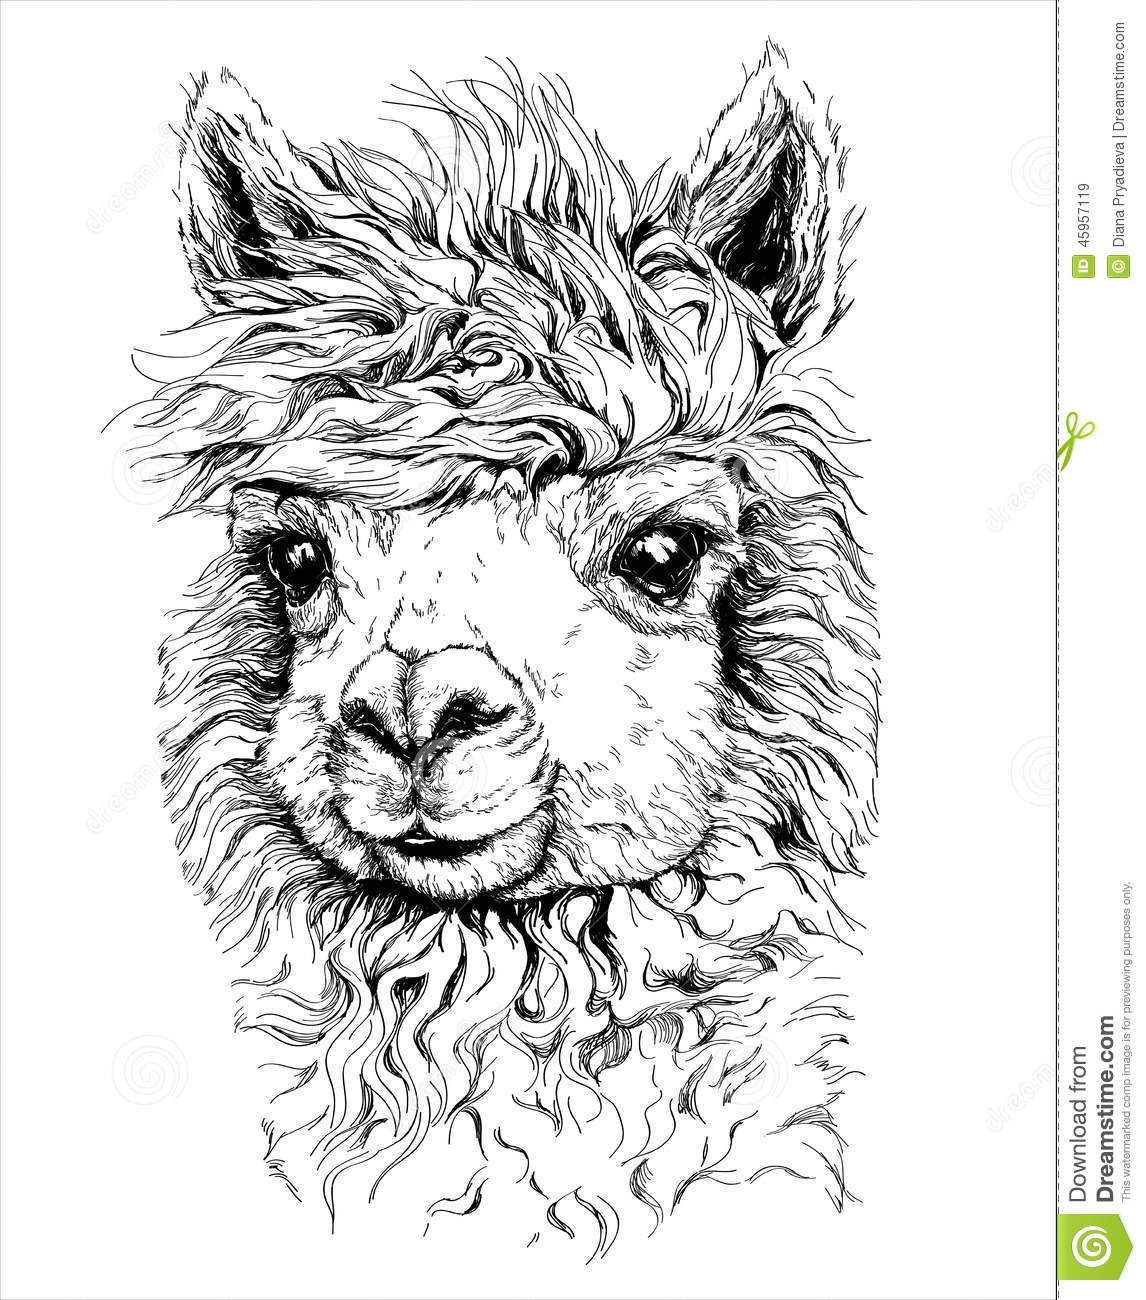 alpaca tekening  google zoeken  gifts for alpaca lovers